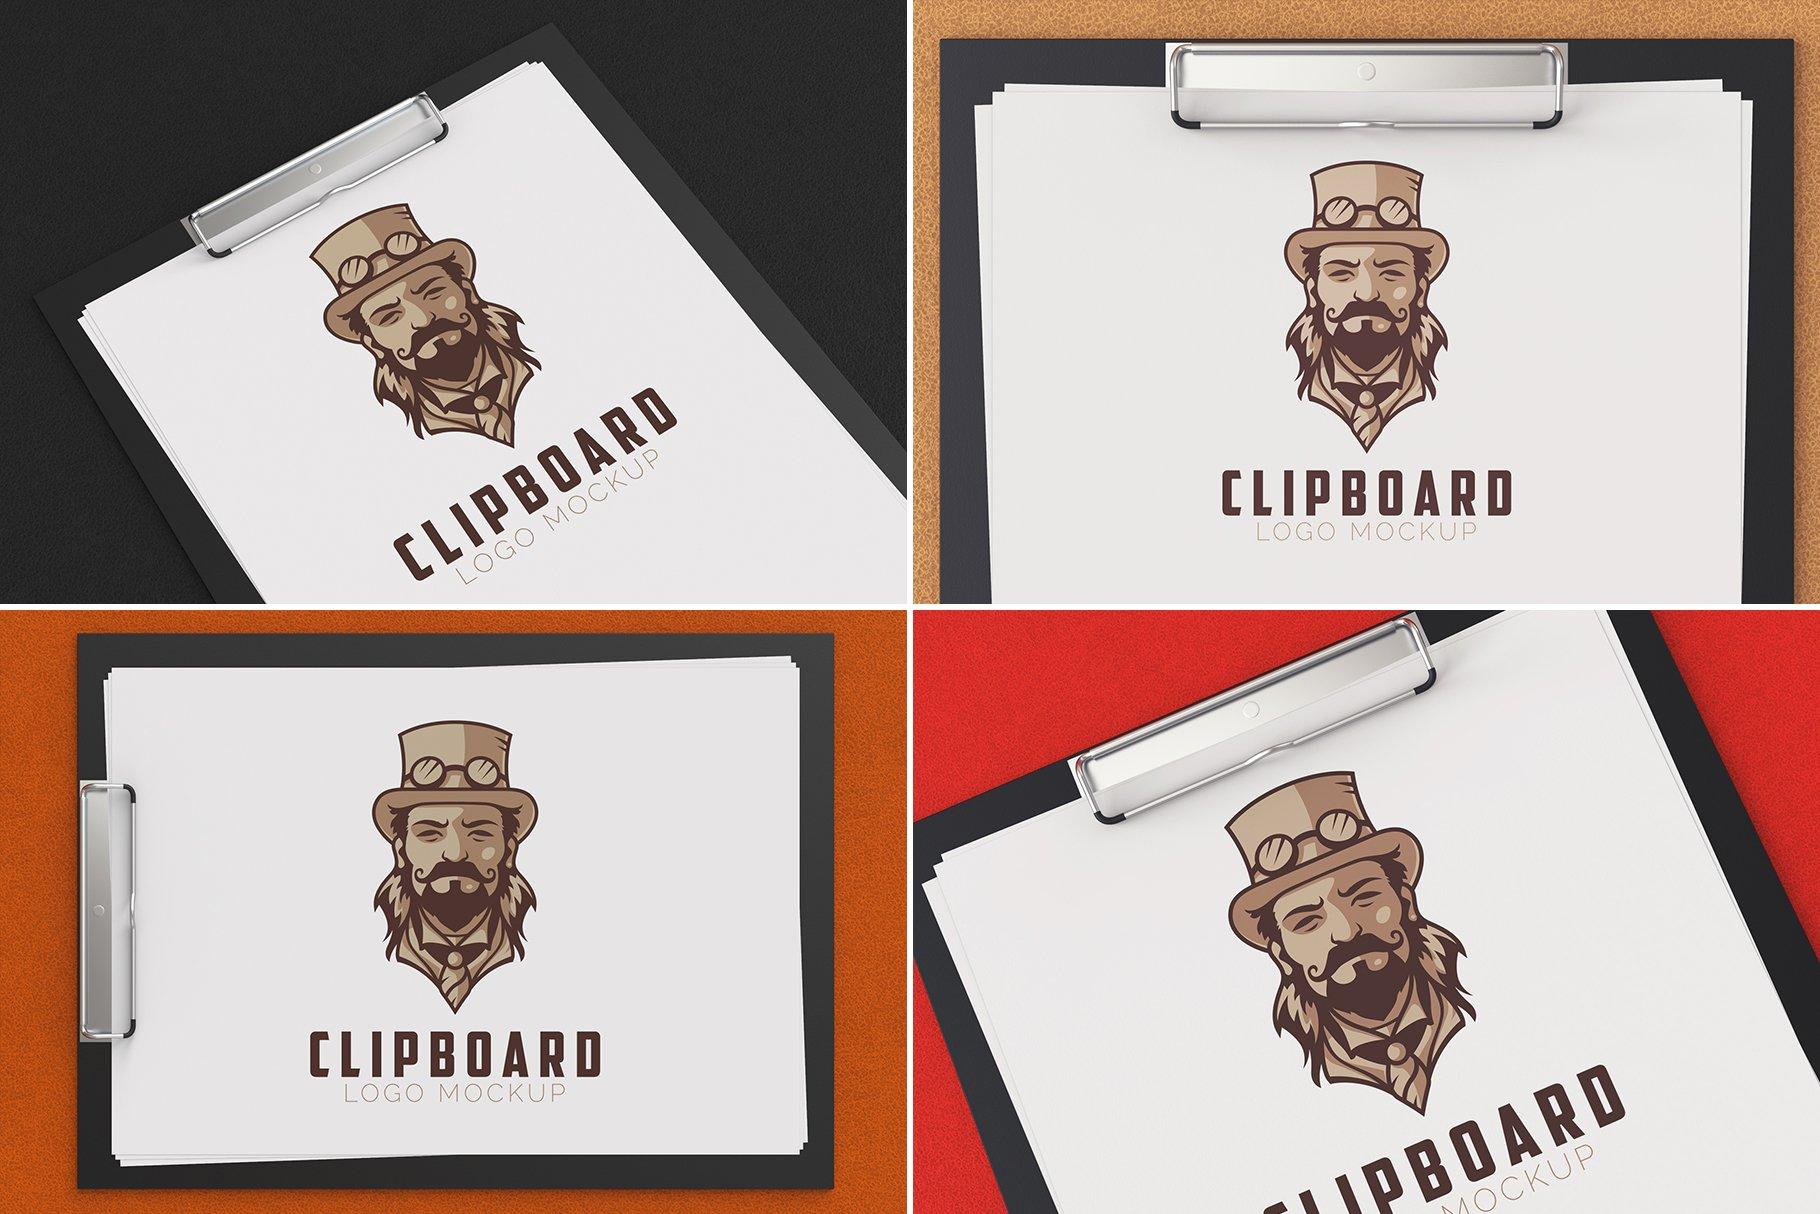 100款品牌标志LOGO徽标设计展示样机模板合集 100 Logo Mockups Bundle Vol.4插图(9)